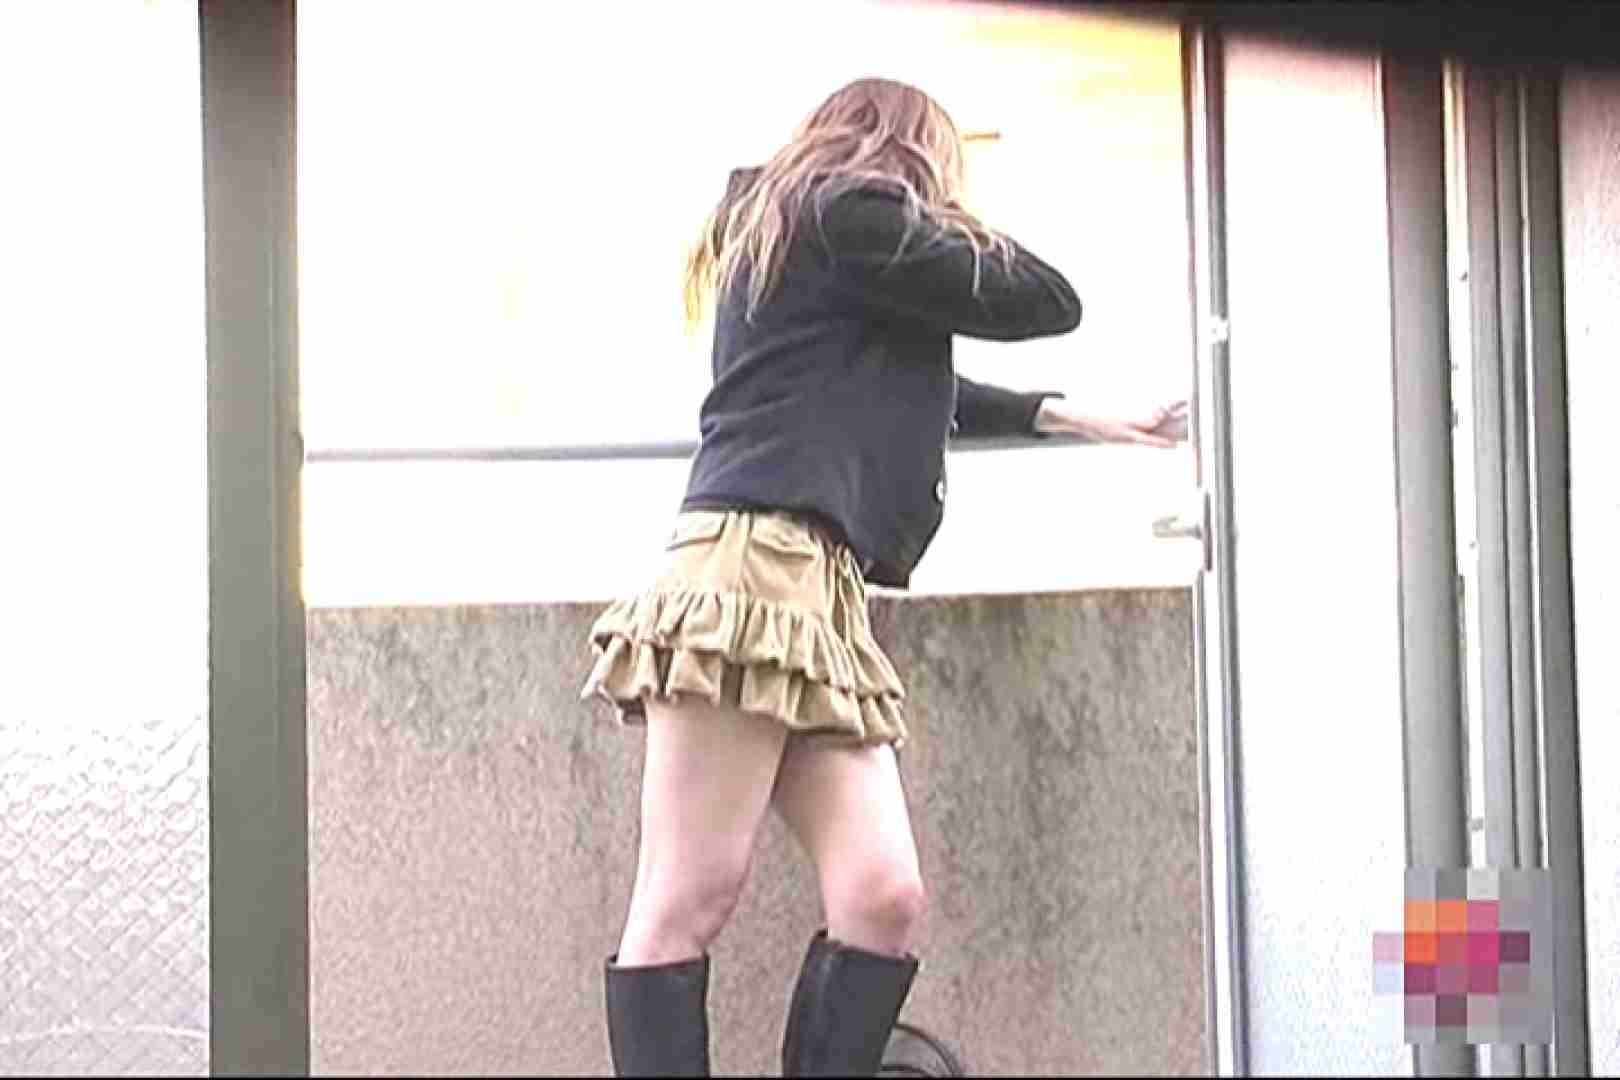 検証!隠し撮りスカートめくり!!Vol.5 OLの実態  101pic 36